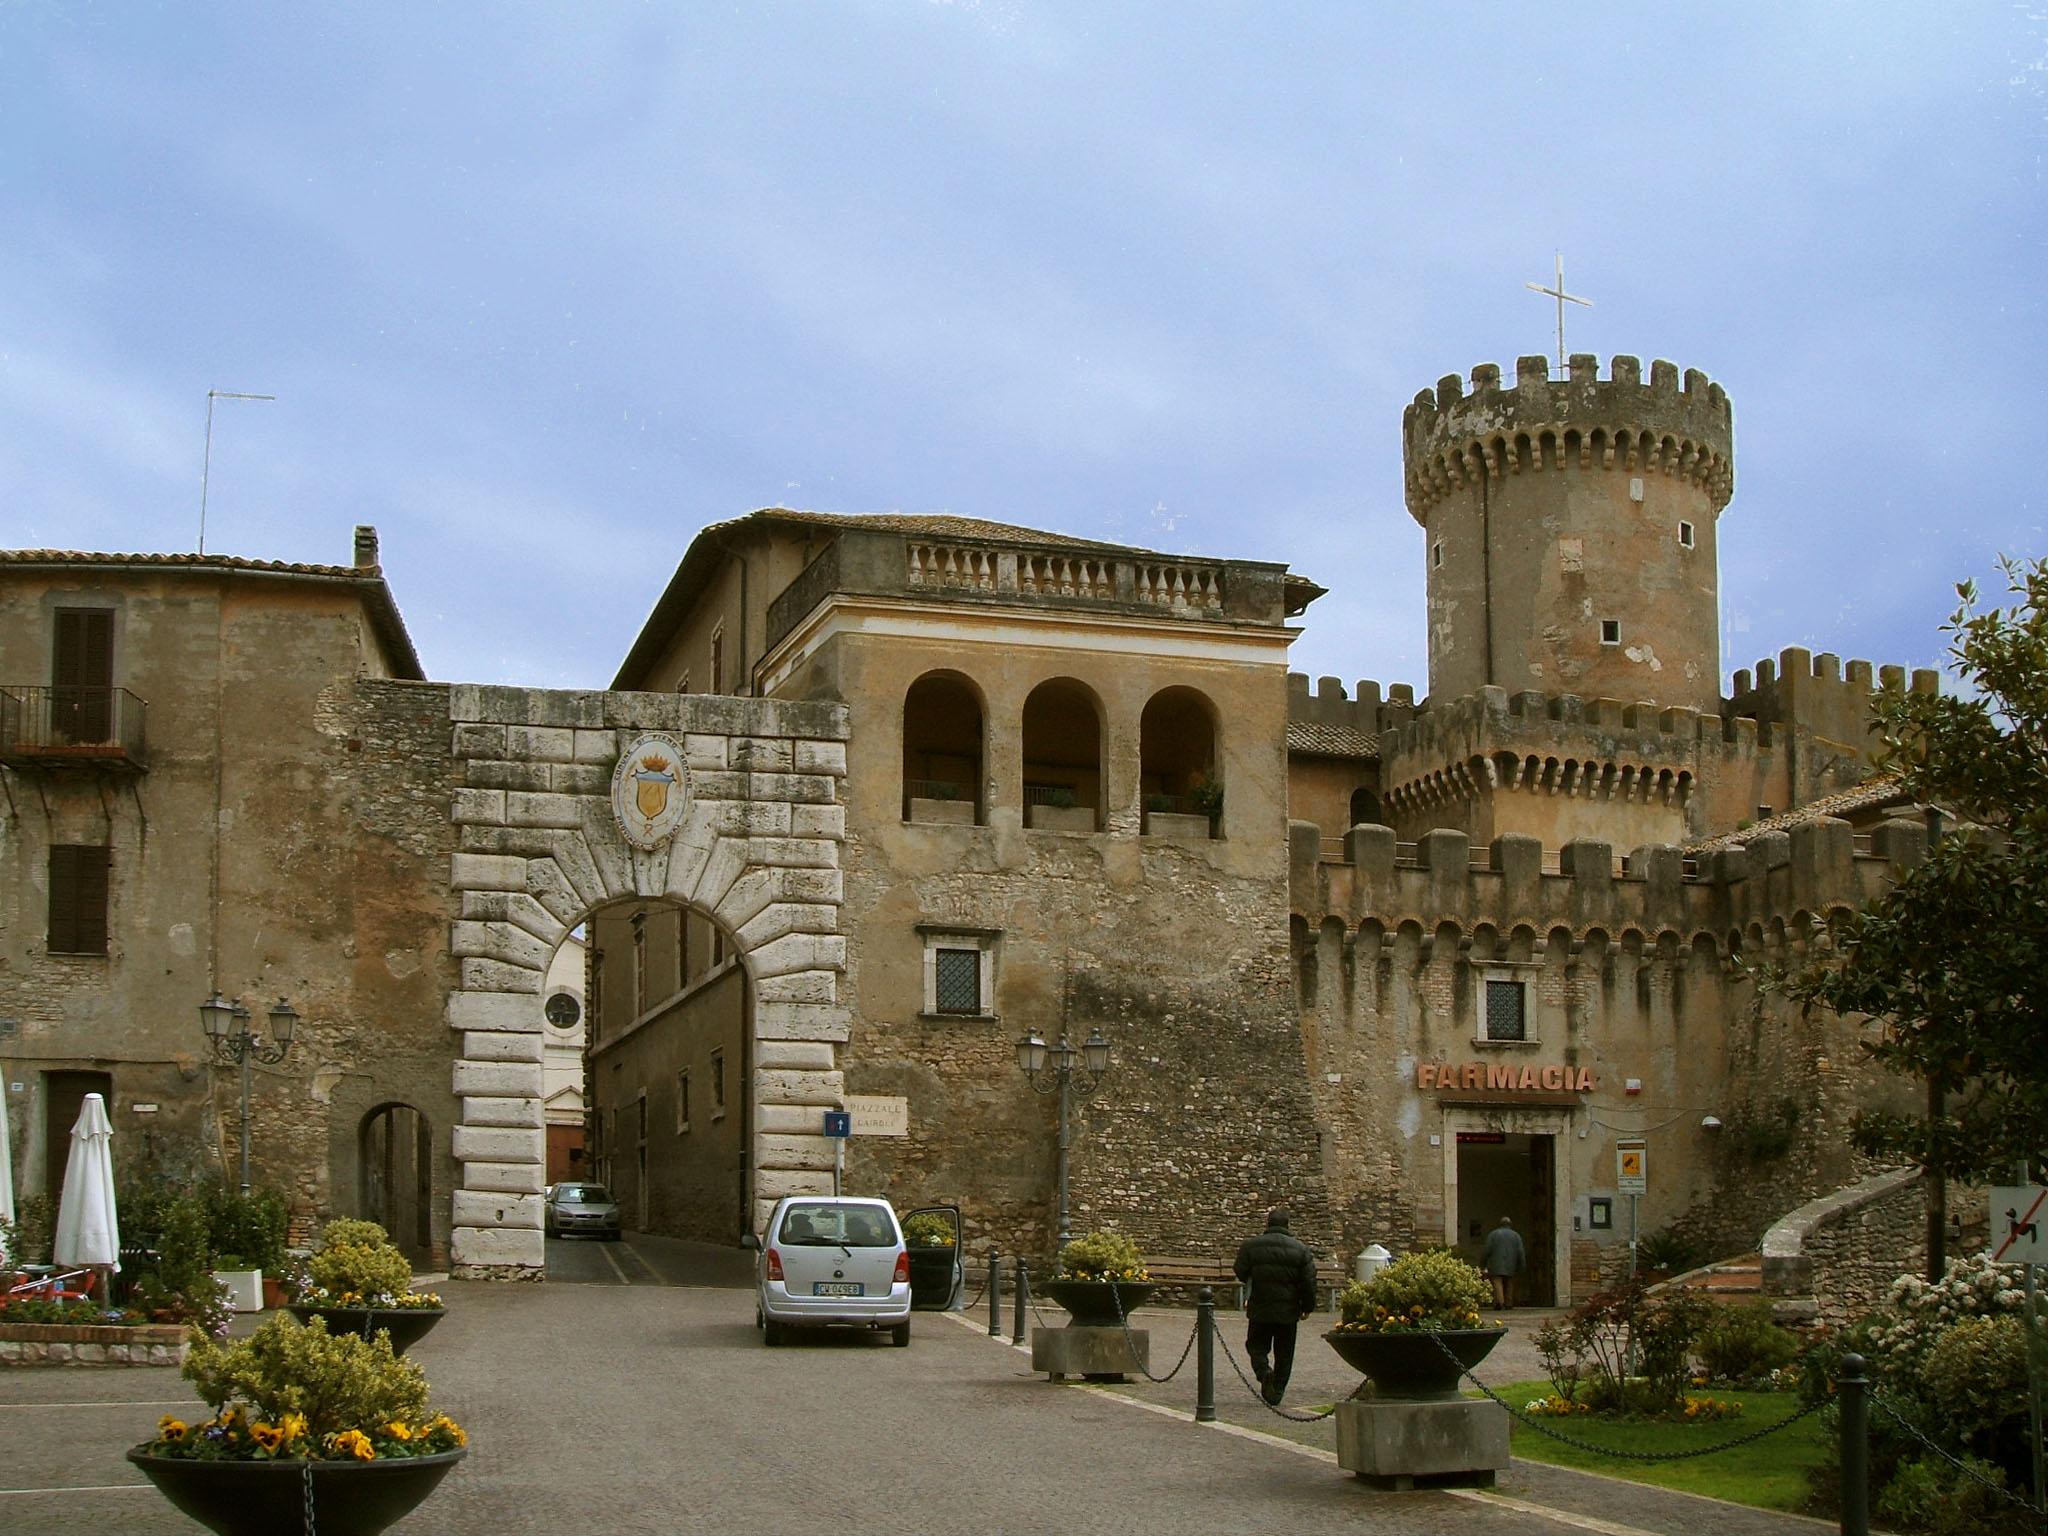 File:080326027 Fiano Romano.jpg - Wikimedia Commons